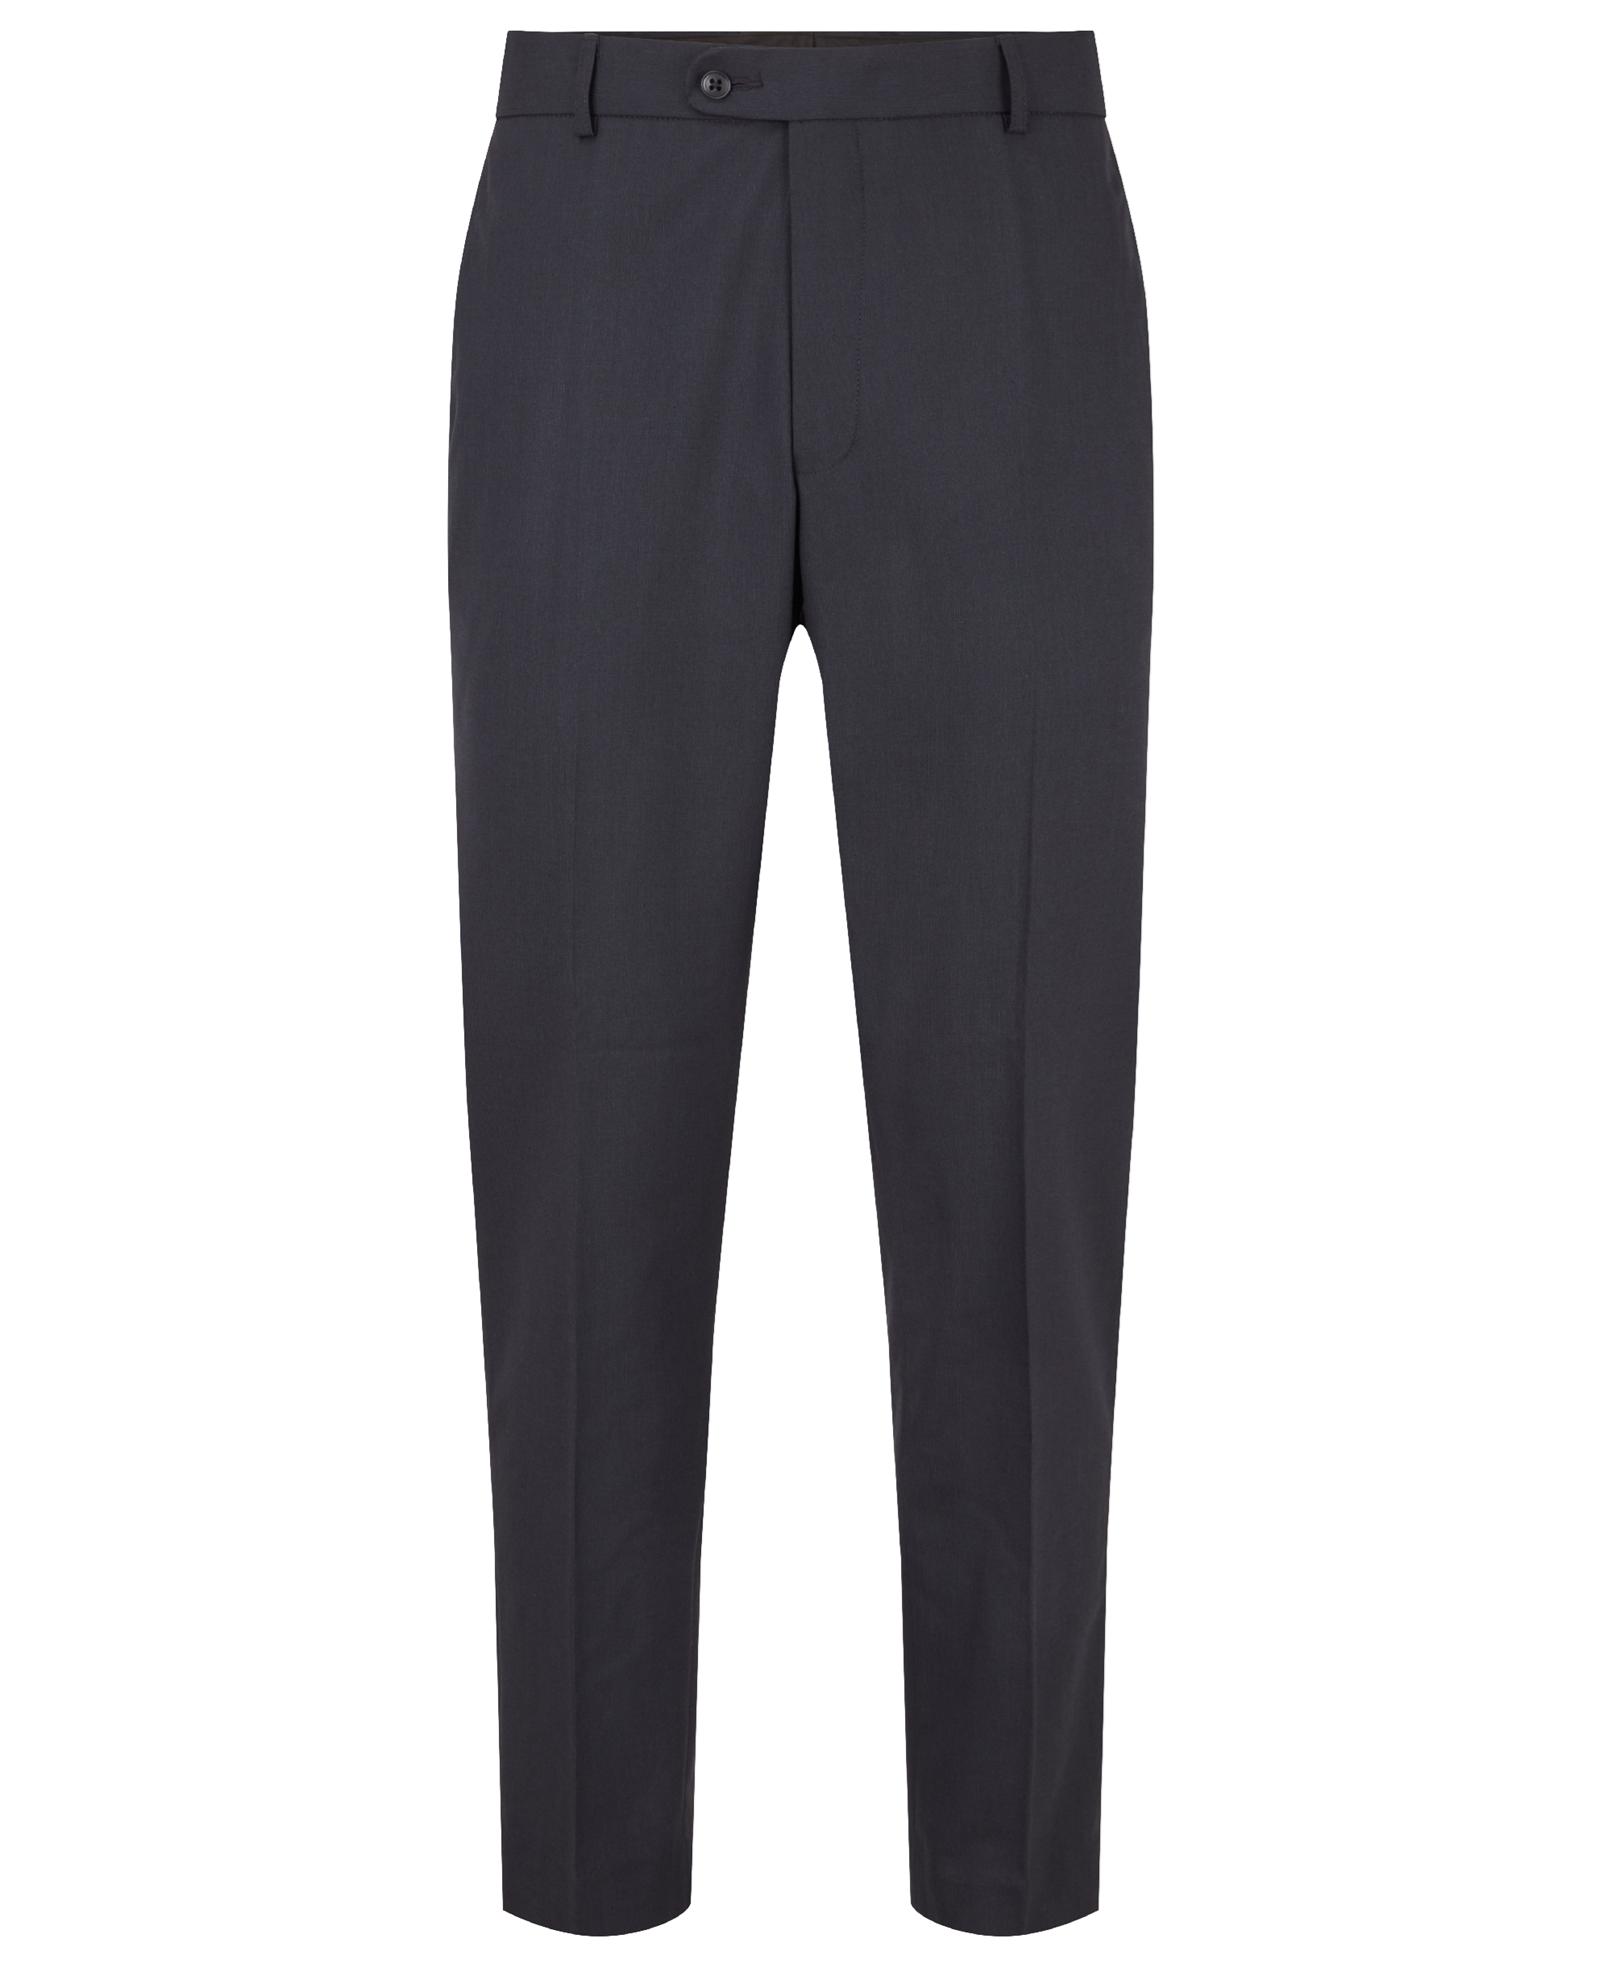 Picture of Harrow Men's Trouser - Navy